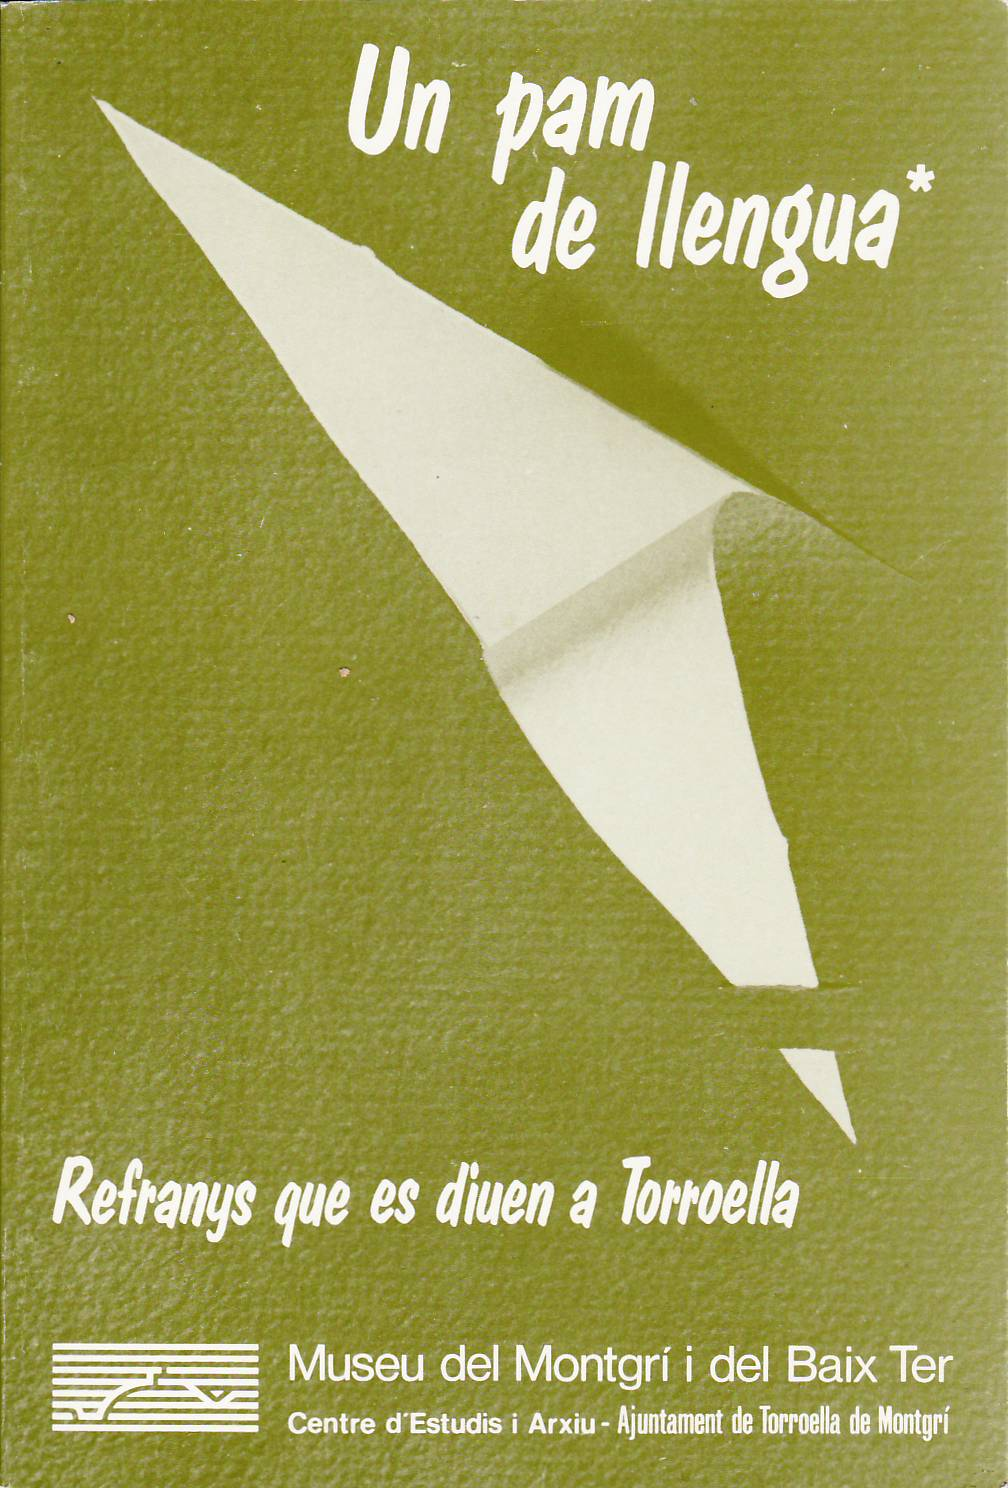 Raons Que Rimen Llibres 53 Martinoy Junqué 1985 Un